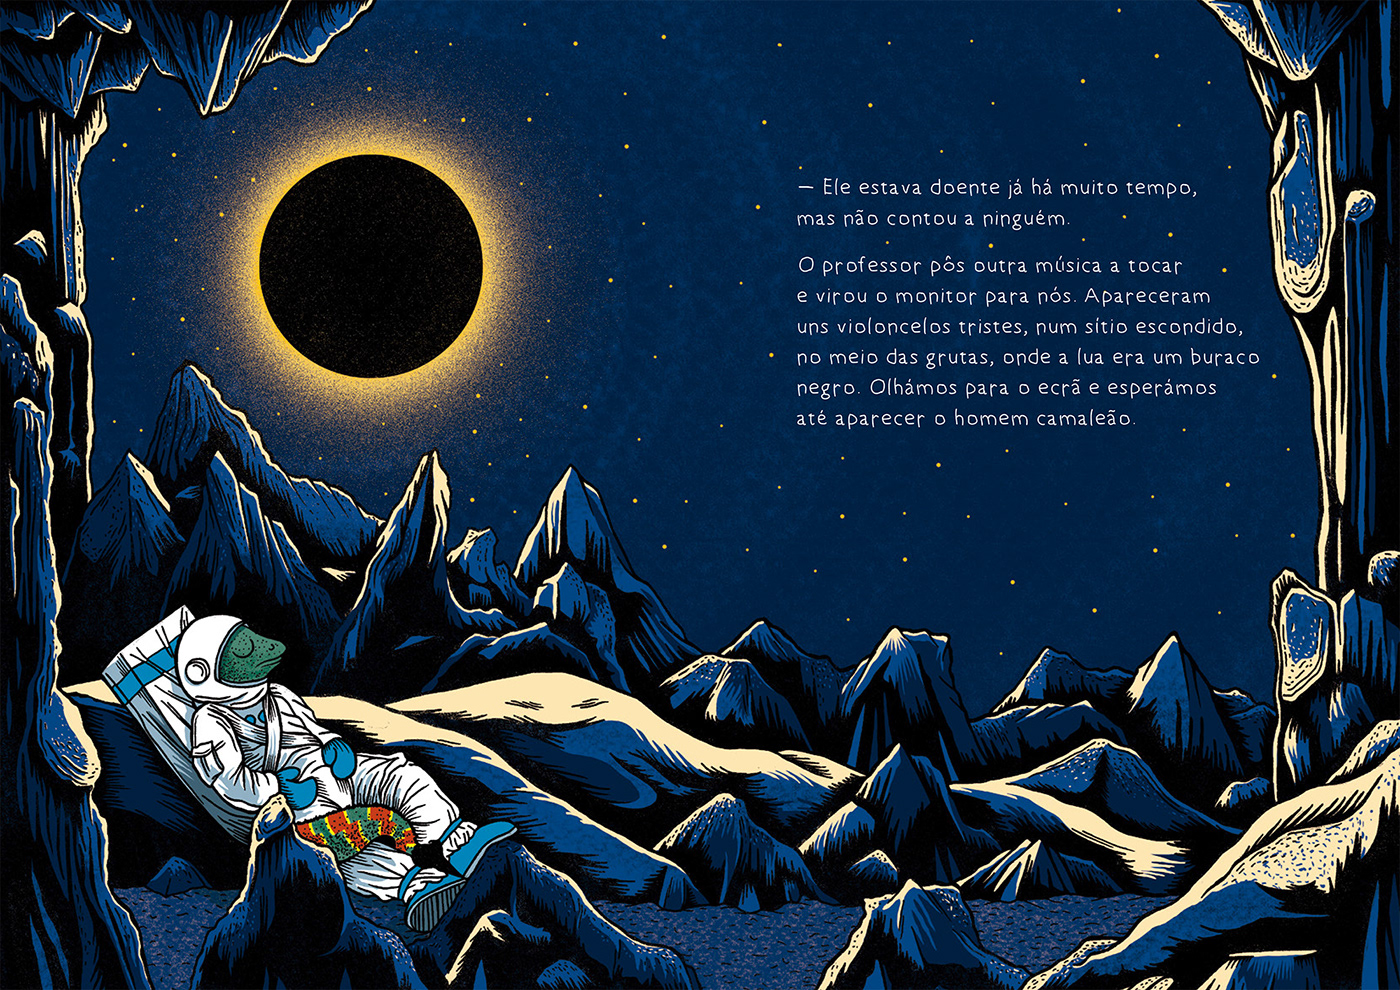 Image may contain: moon, illustration and screenshot